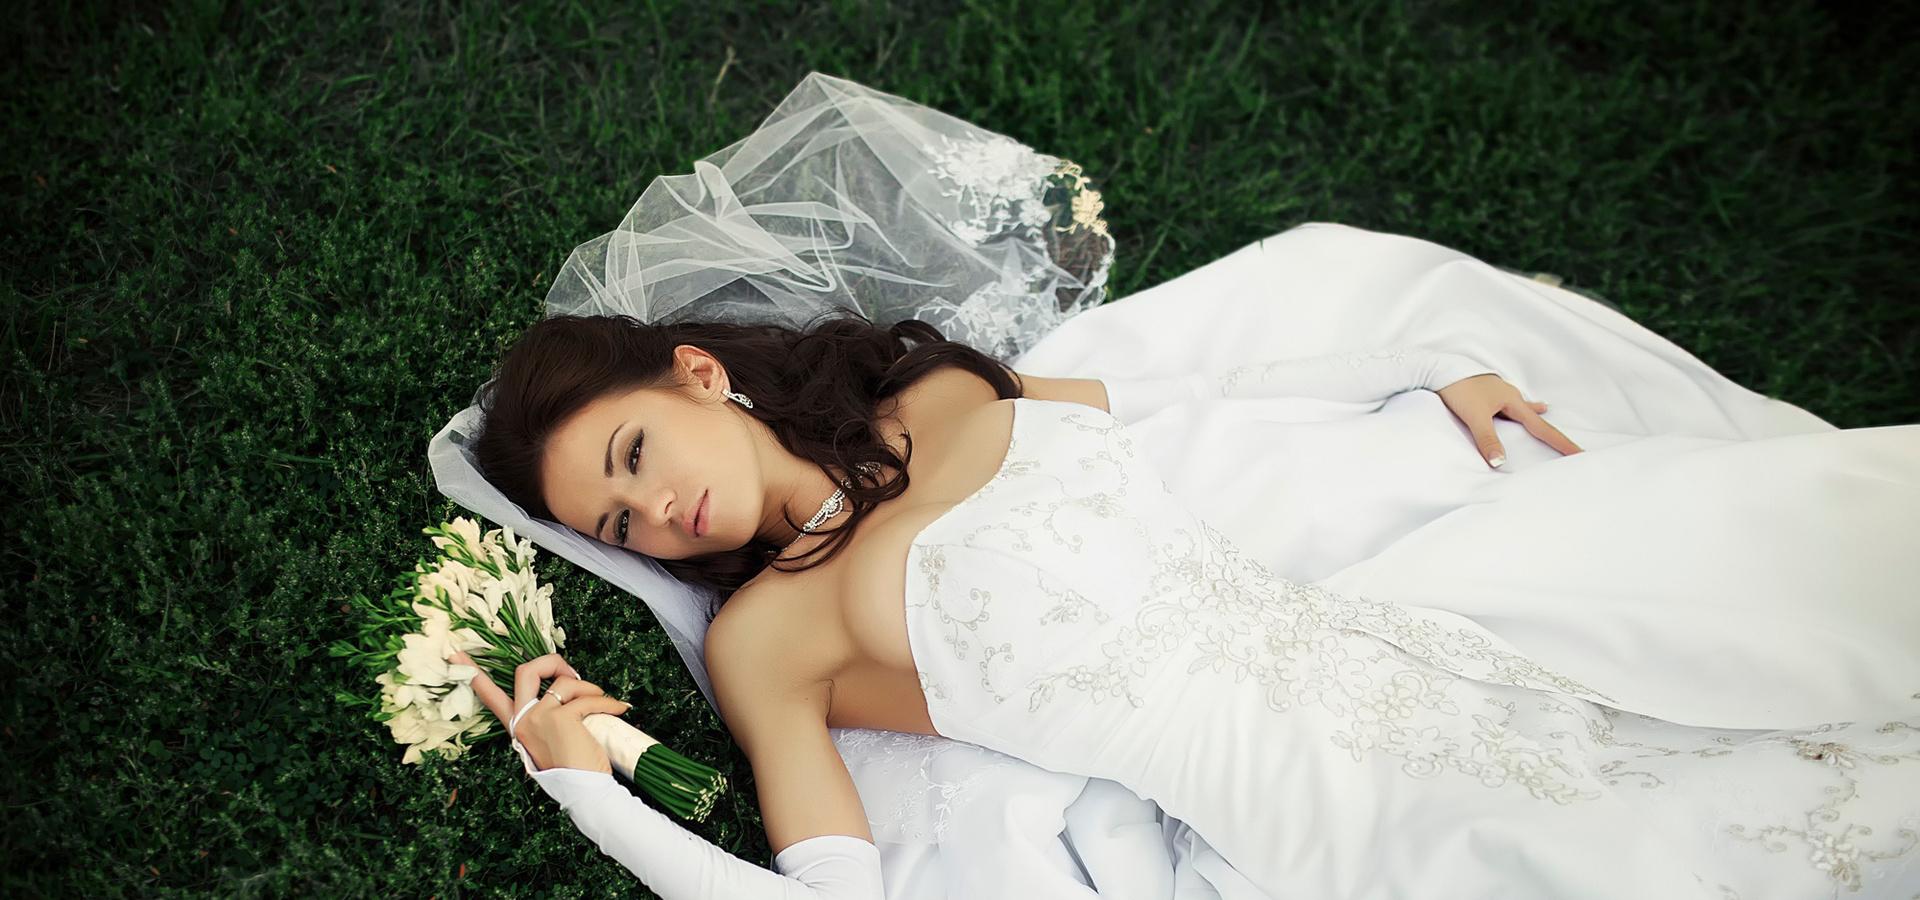 Какие ошибки может сделать невеста при подготовке к свадьбе?